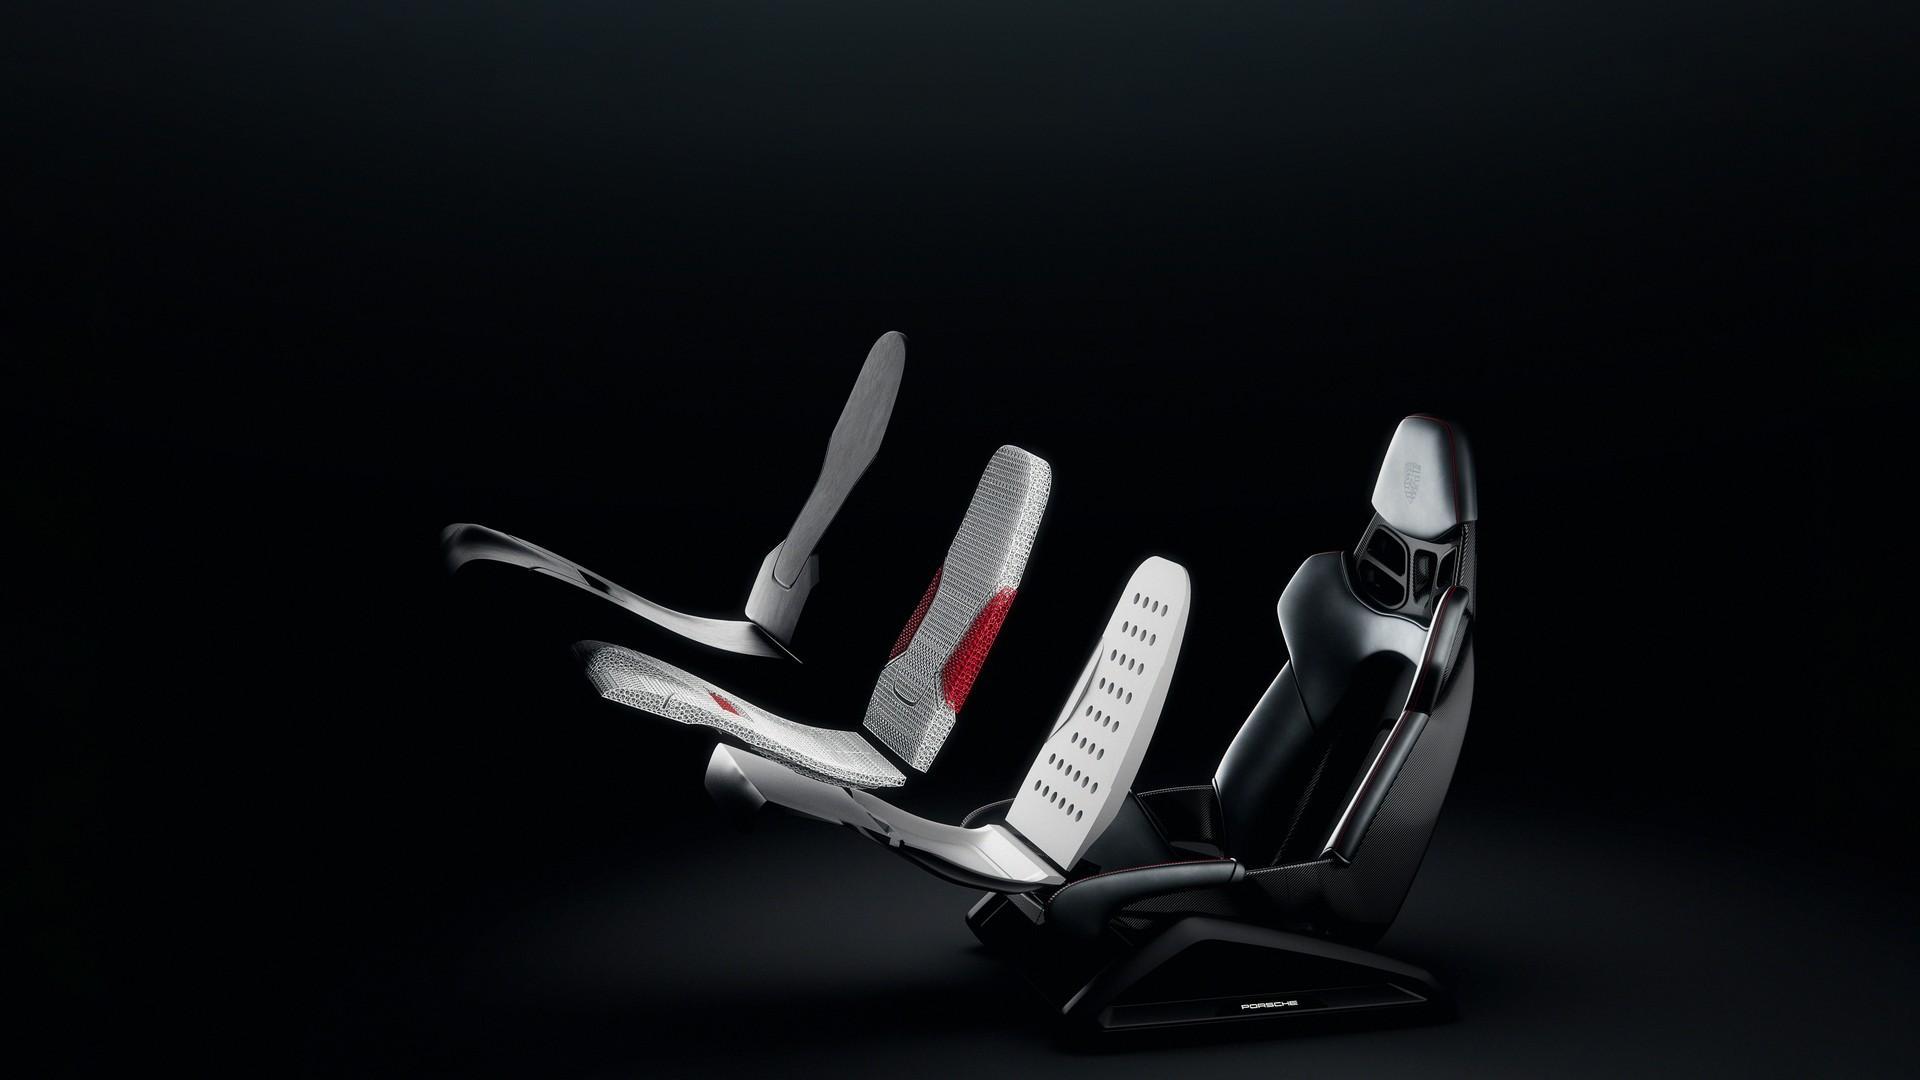 Porsche phát triển ghế ngồi thể thao từ công nghệ in 3D Ảnh 1